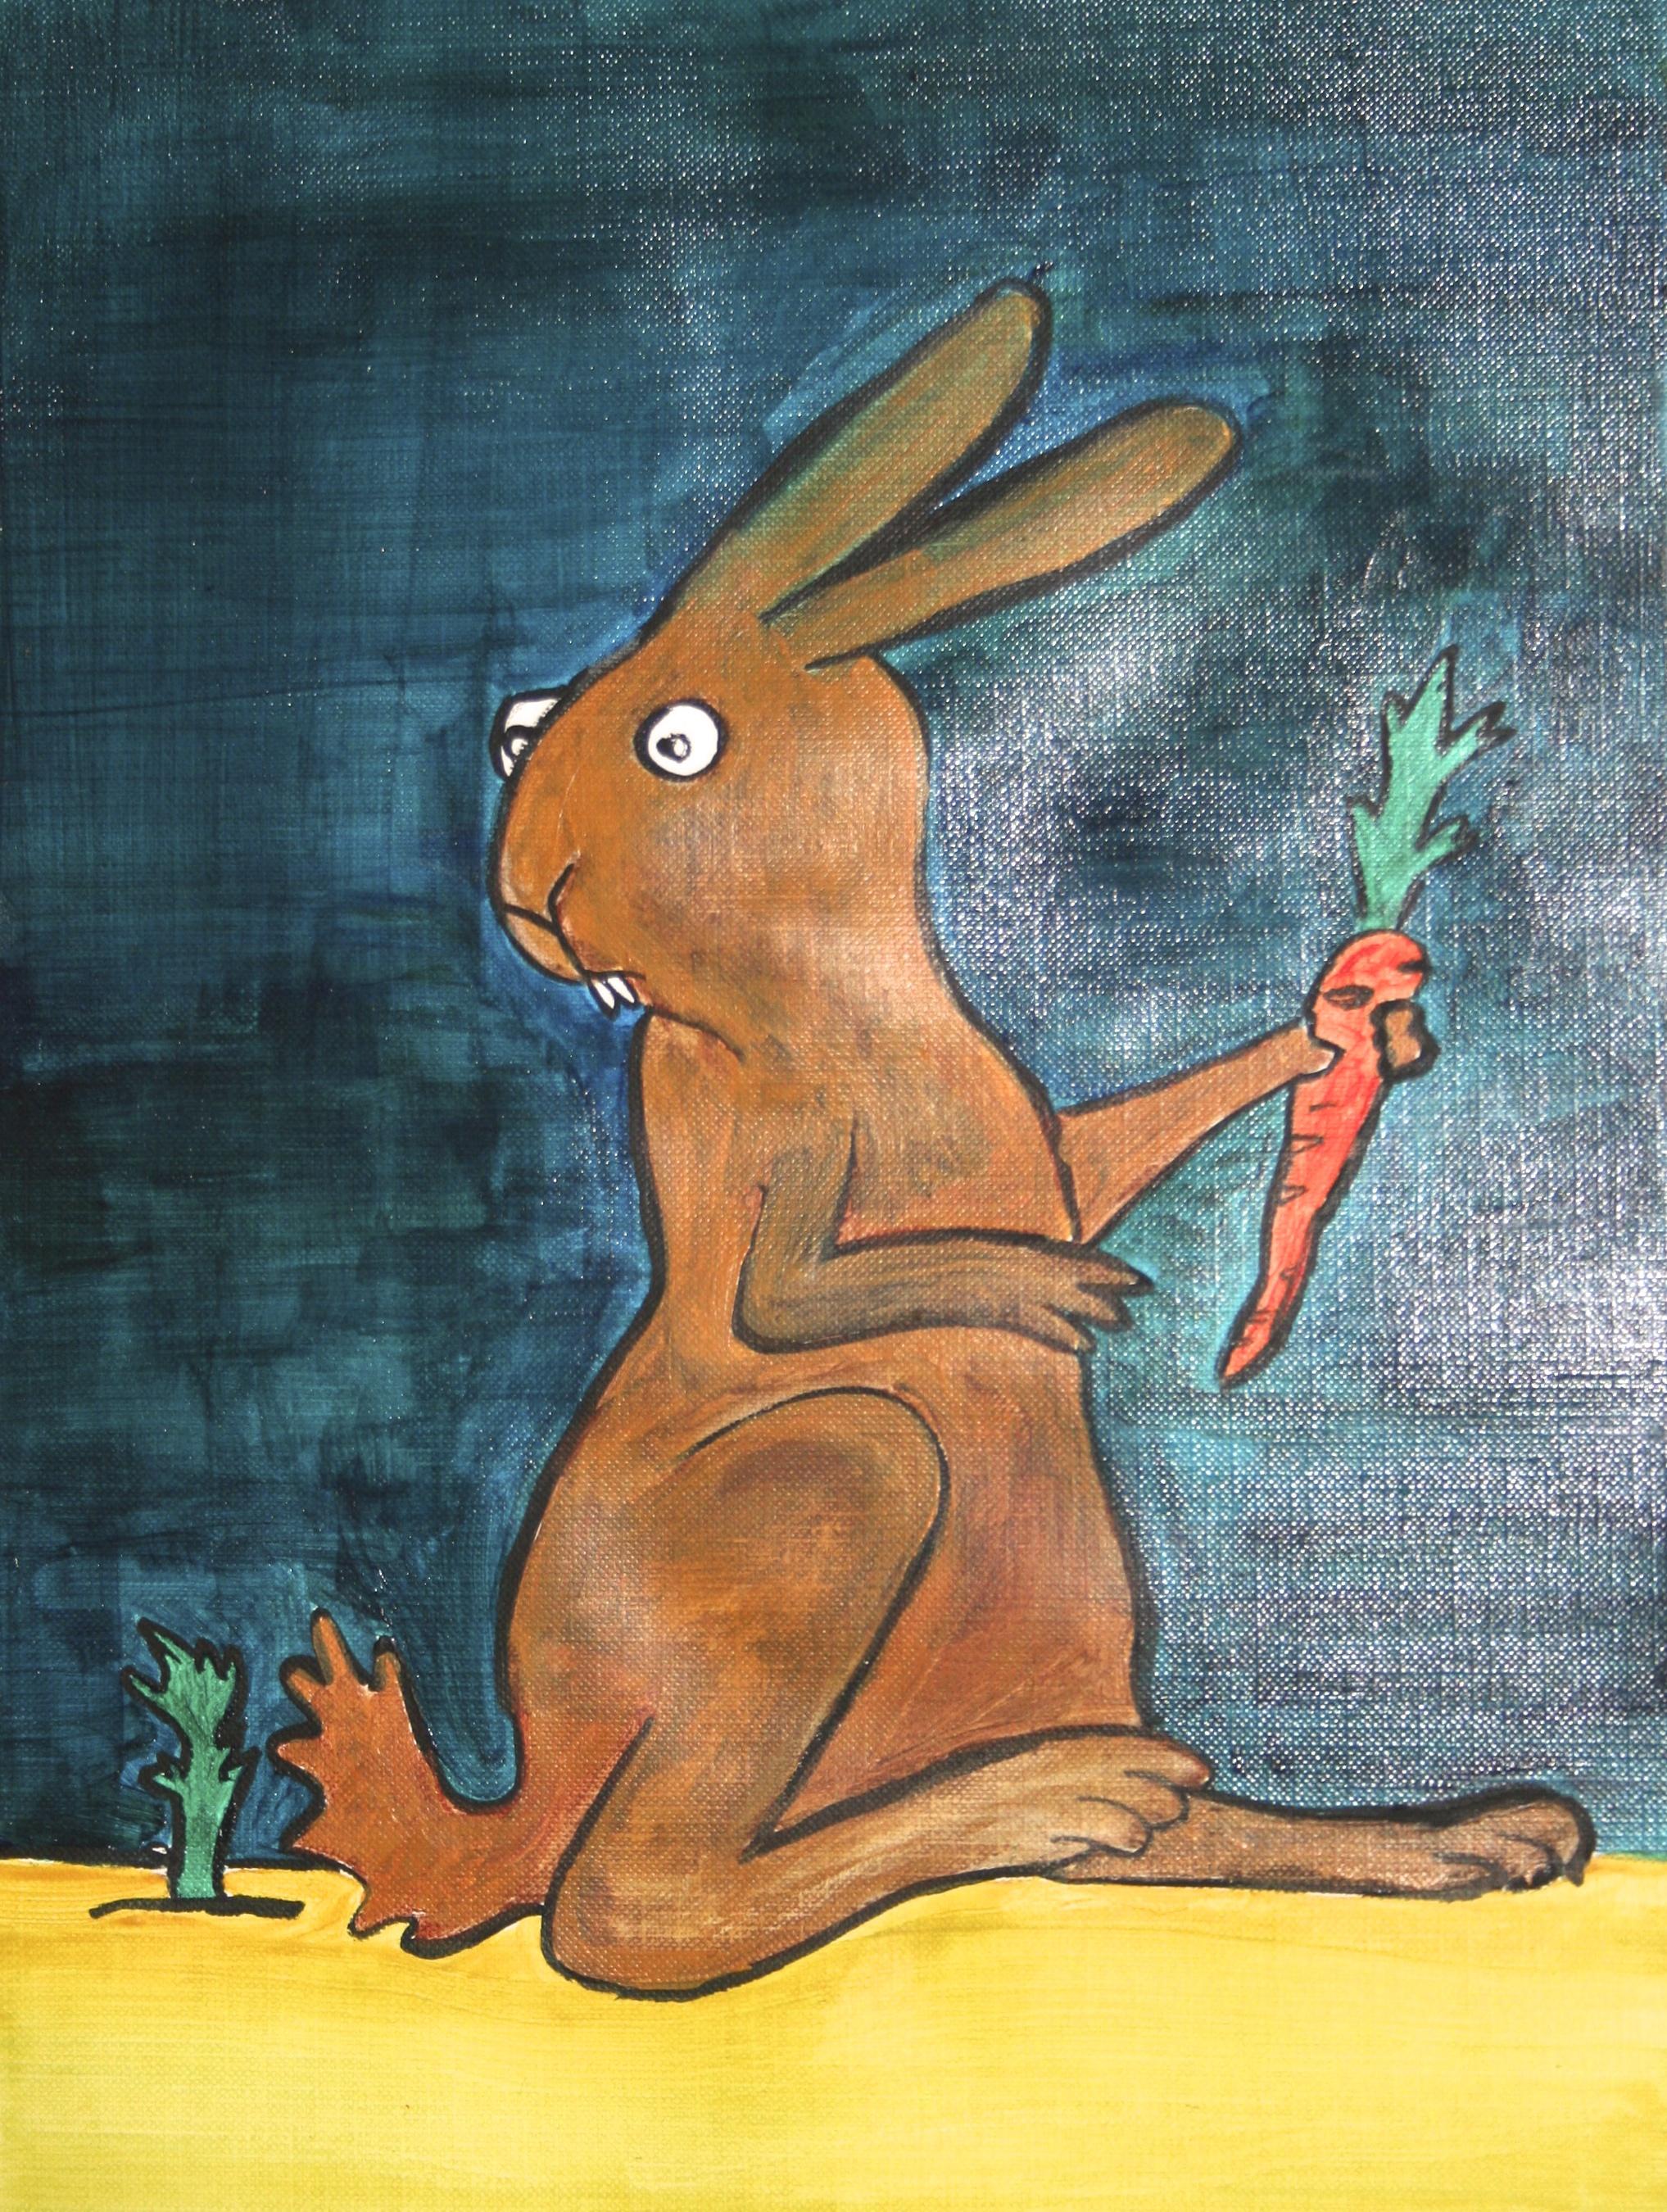 rabbit carrot.jpg